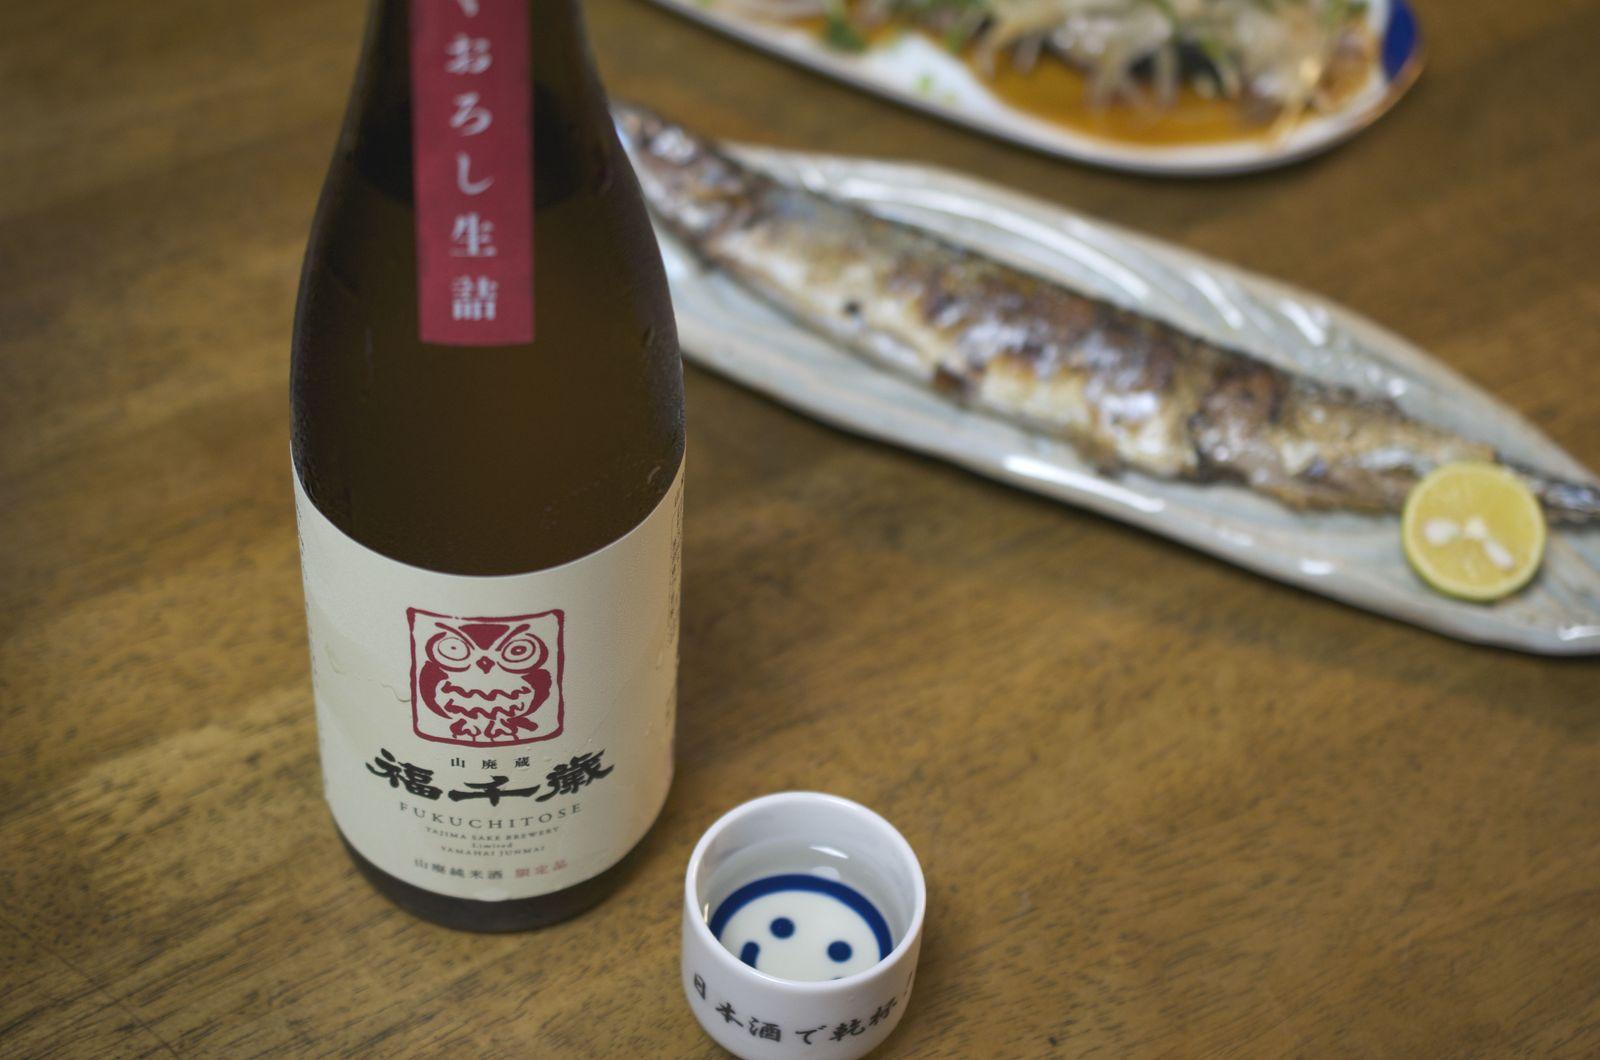 田嶋酒造 福千歳 山廃 純米 ひやおろし 生詰